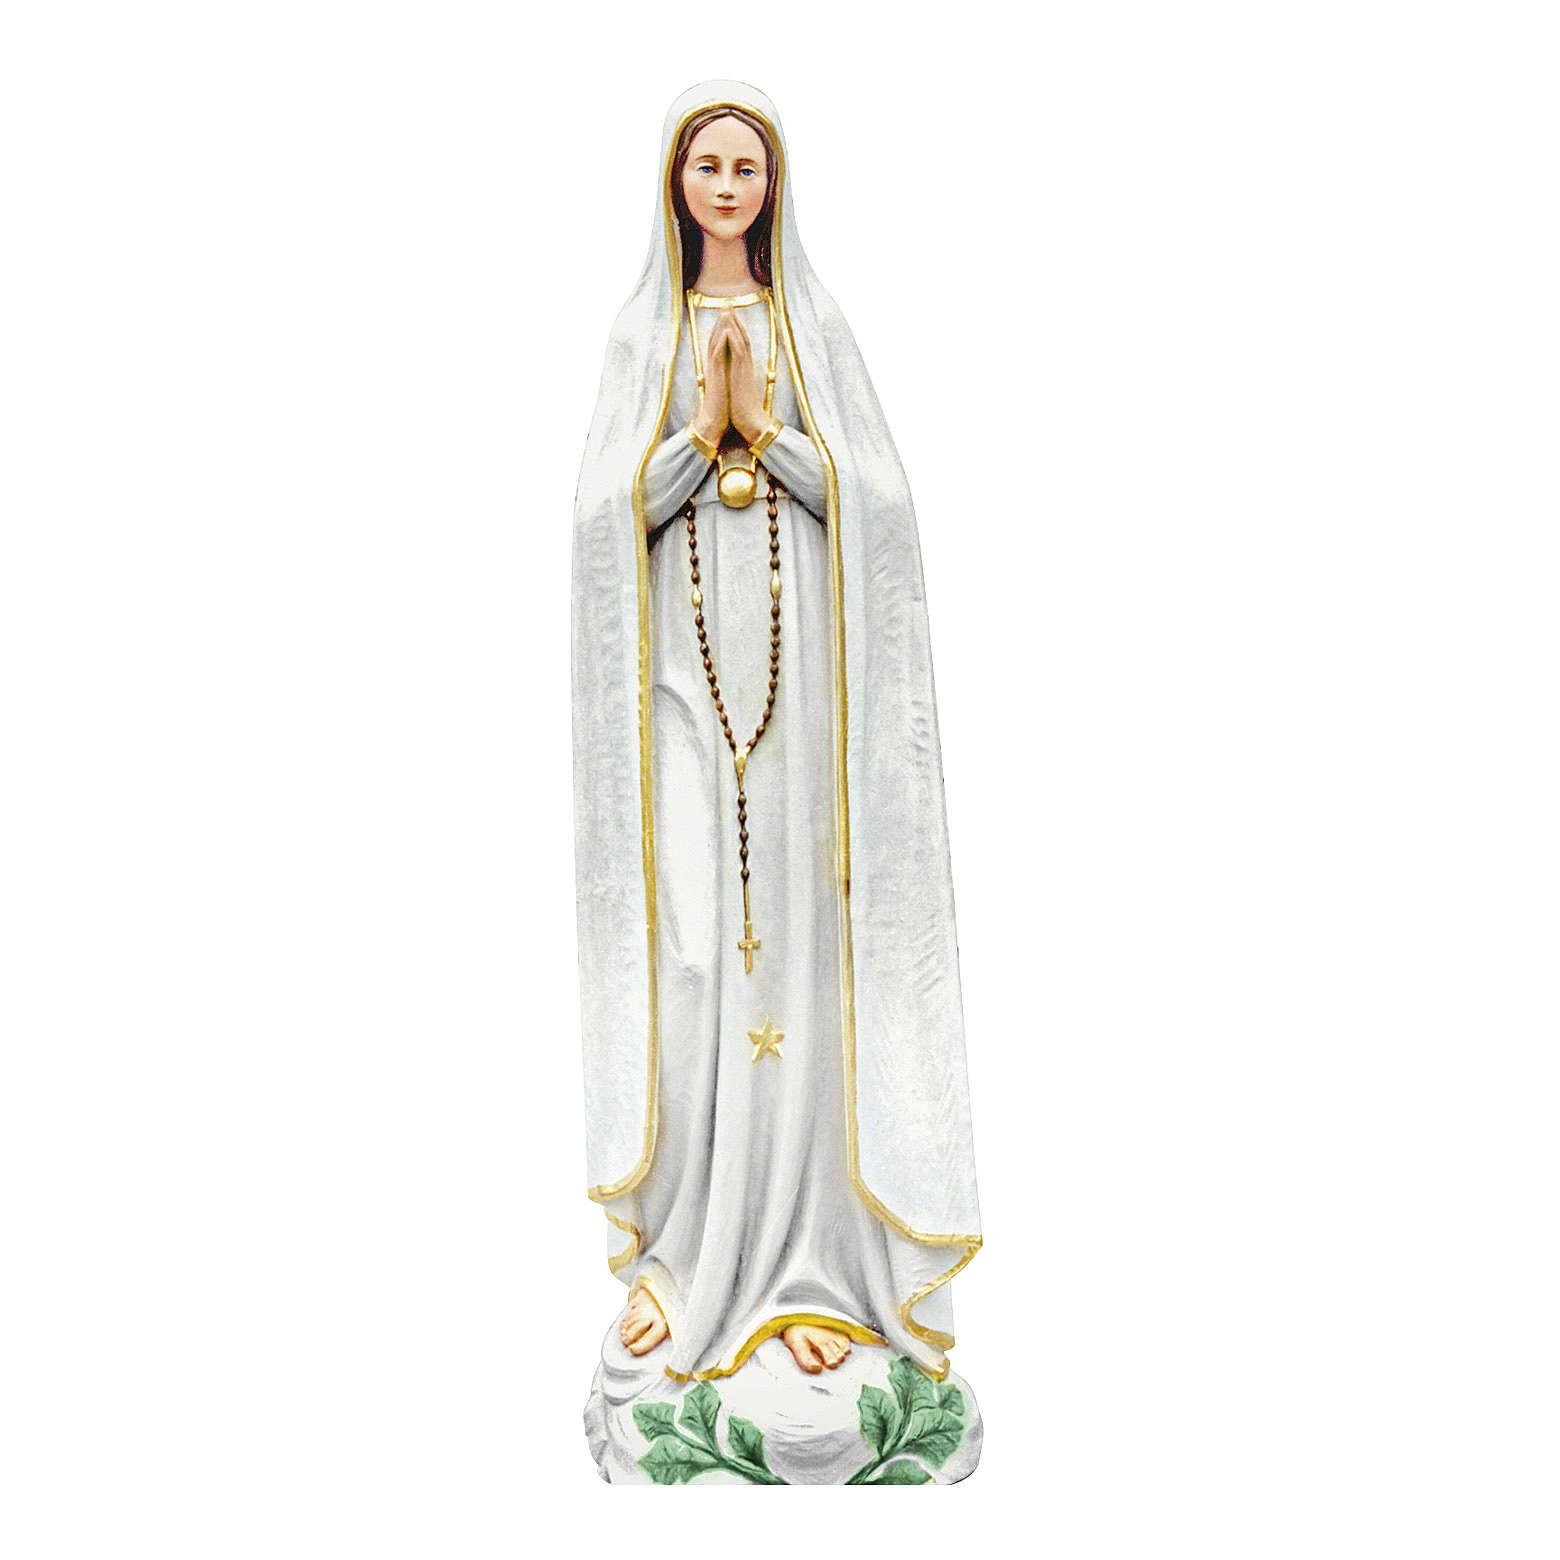 Statua Madonna di Fatima 100 cm in vetroresina colorata PER ESTERNO 4